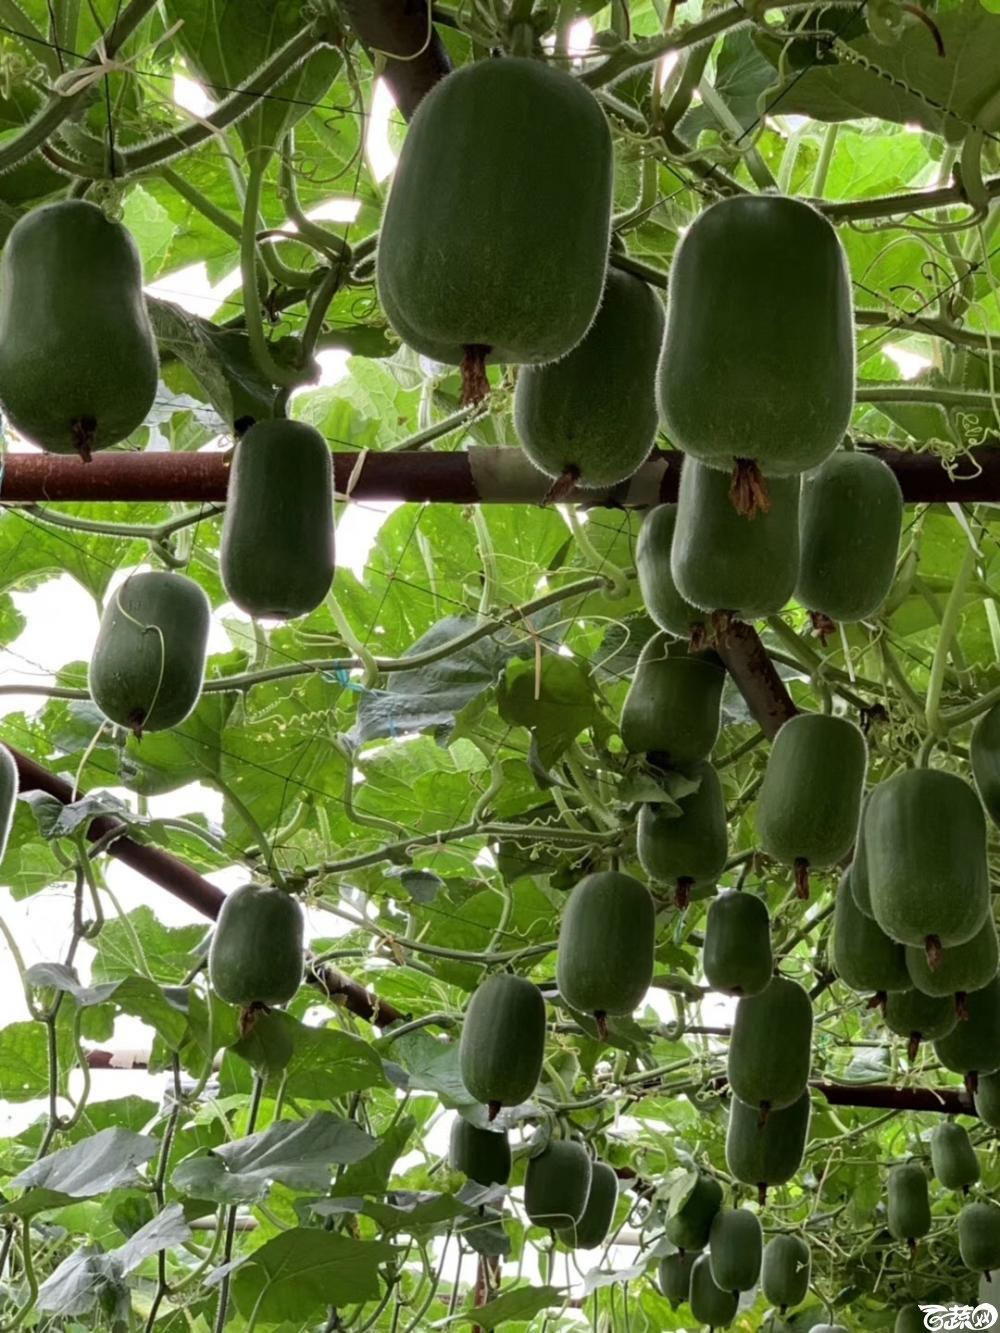 第十七届广州市蔬菜新品种展示推广会,广州亚蔬种苗公司宝贝小节瓜IMG 6808.JPG